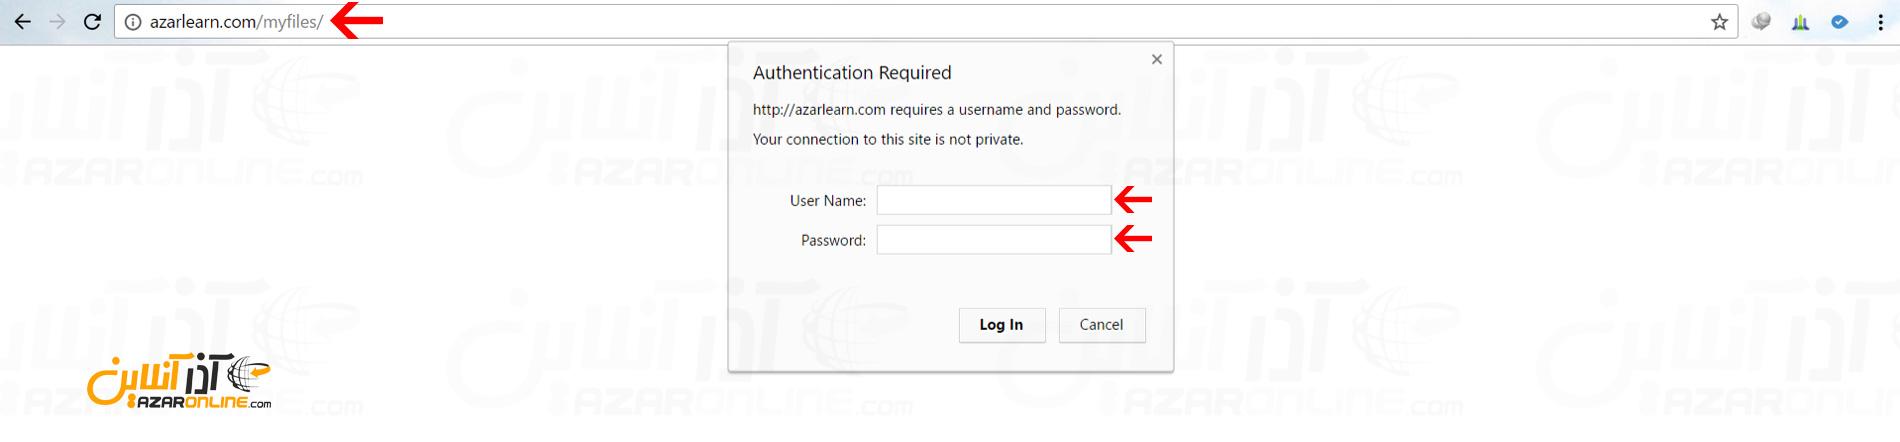 ایجاد رمز عبور برای یک پوشه در cpanel - باز کردن فولدر رمز گذاری شده